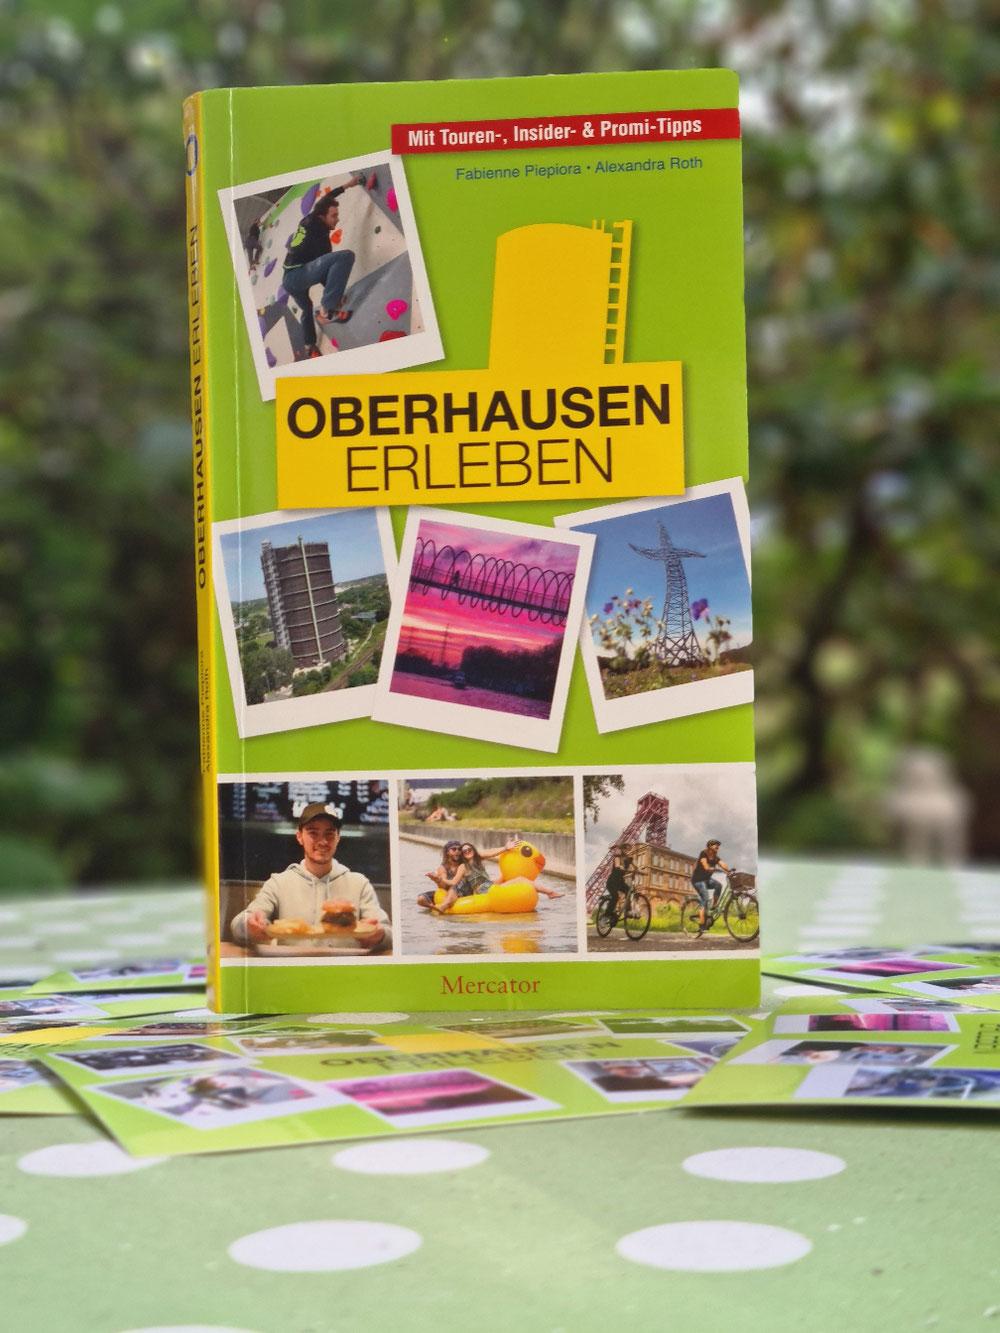 Neuer Reise- und Freizeitguide für Oberhausen